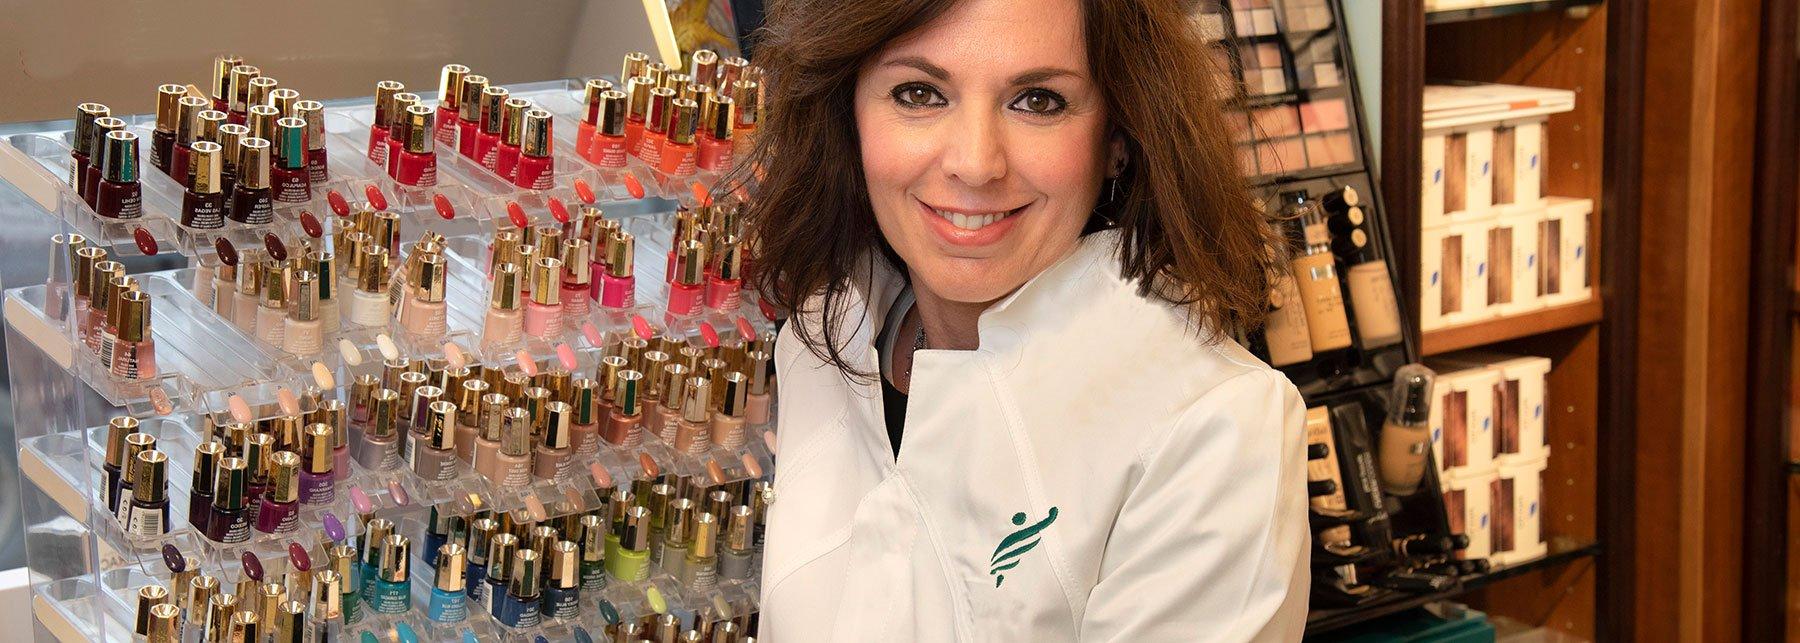 Consulenze make-up e dermocosmetiche - Farmacie Trisoglio - Trofarello